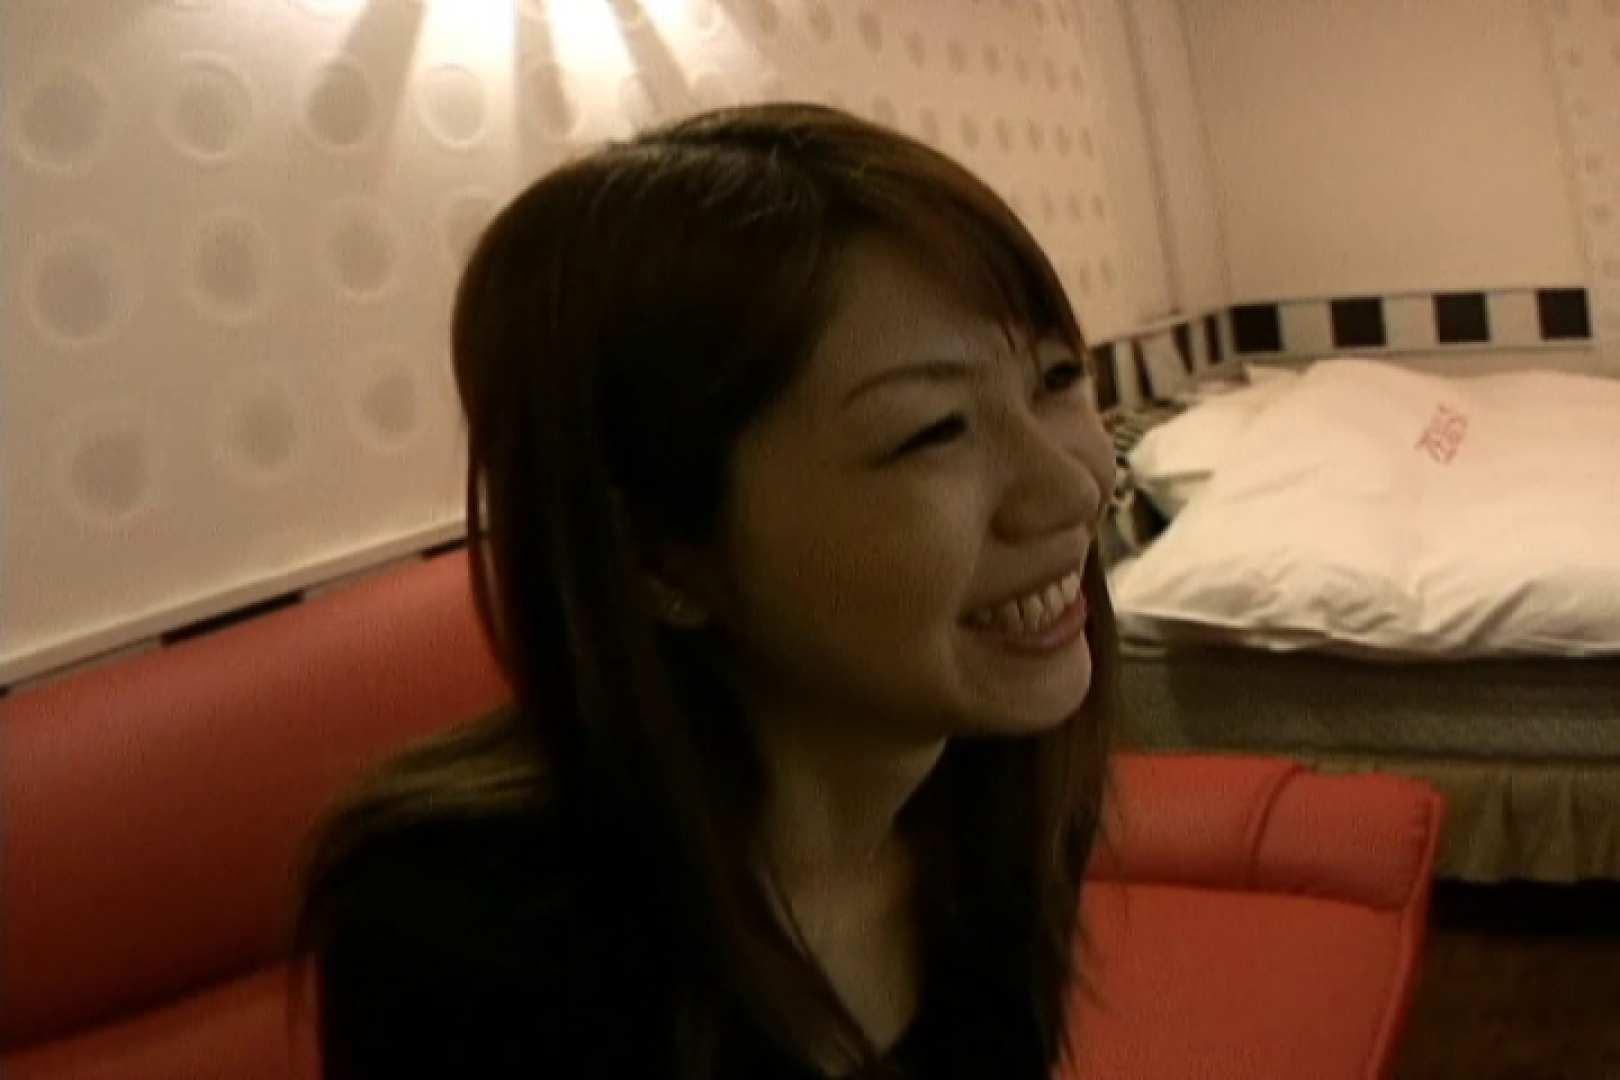 素人モデル撮っちゃいました kana02 すけべな女子大生 のぞき動画画像 109画像 59